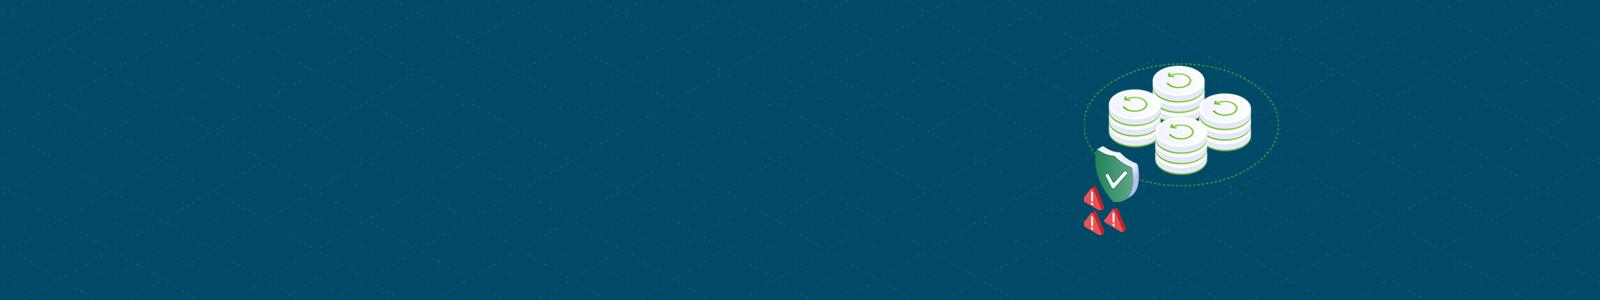 lp-banner-ransomware-assessment-v2